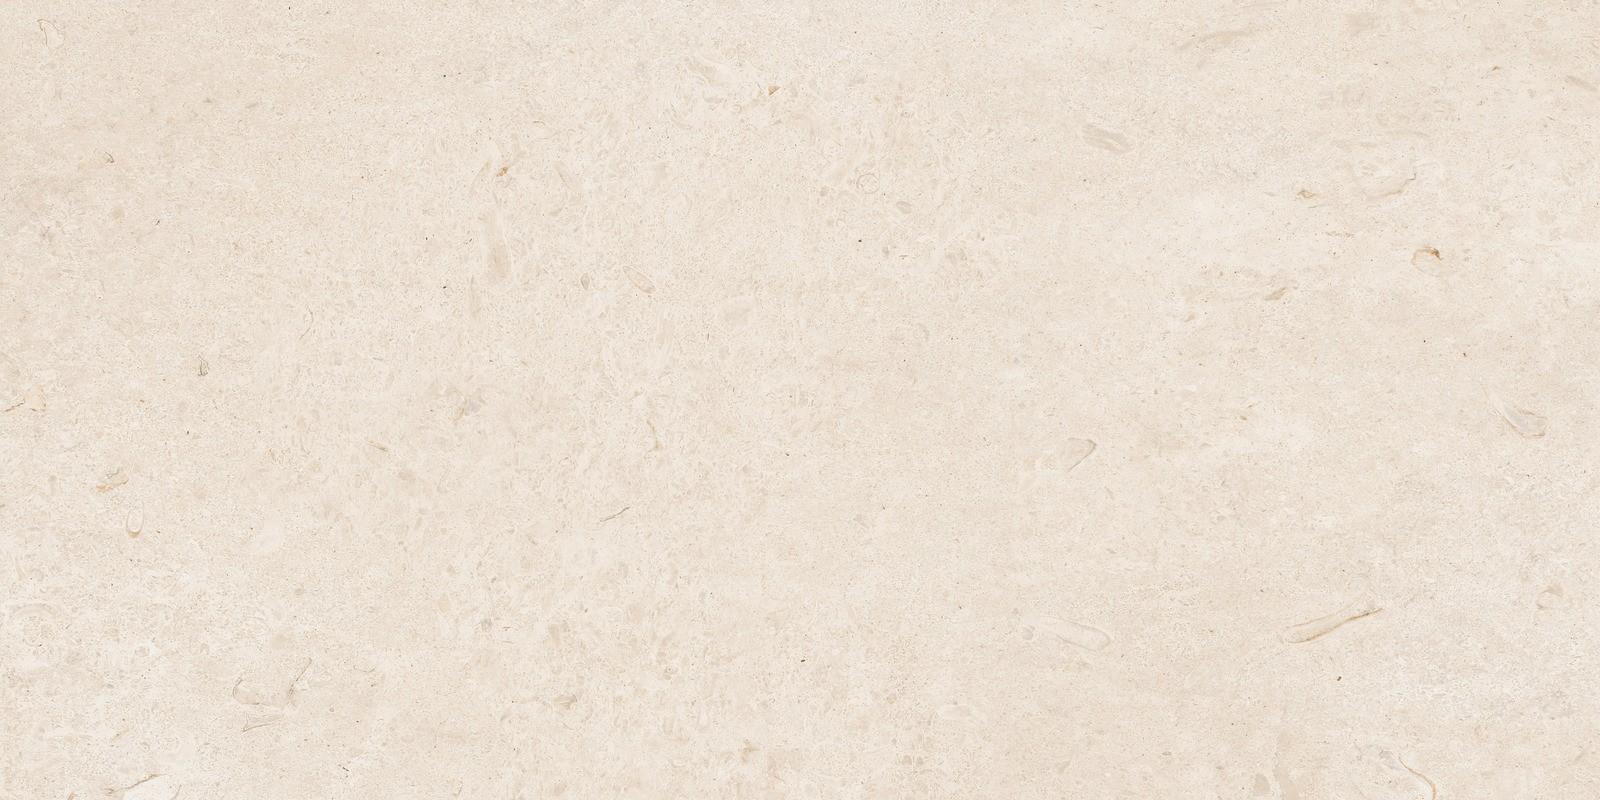 Гранитогрес Caracter Blanco 60x120